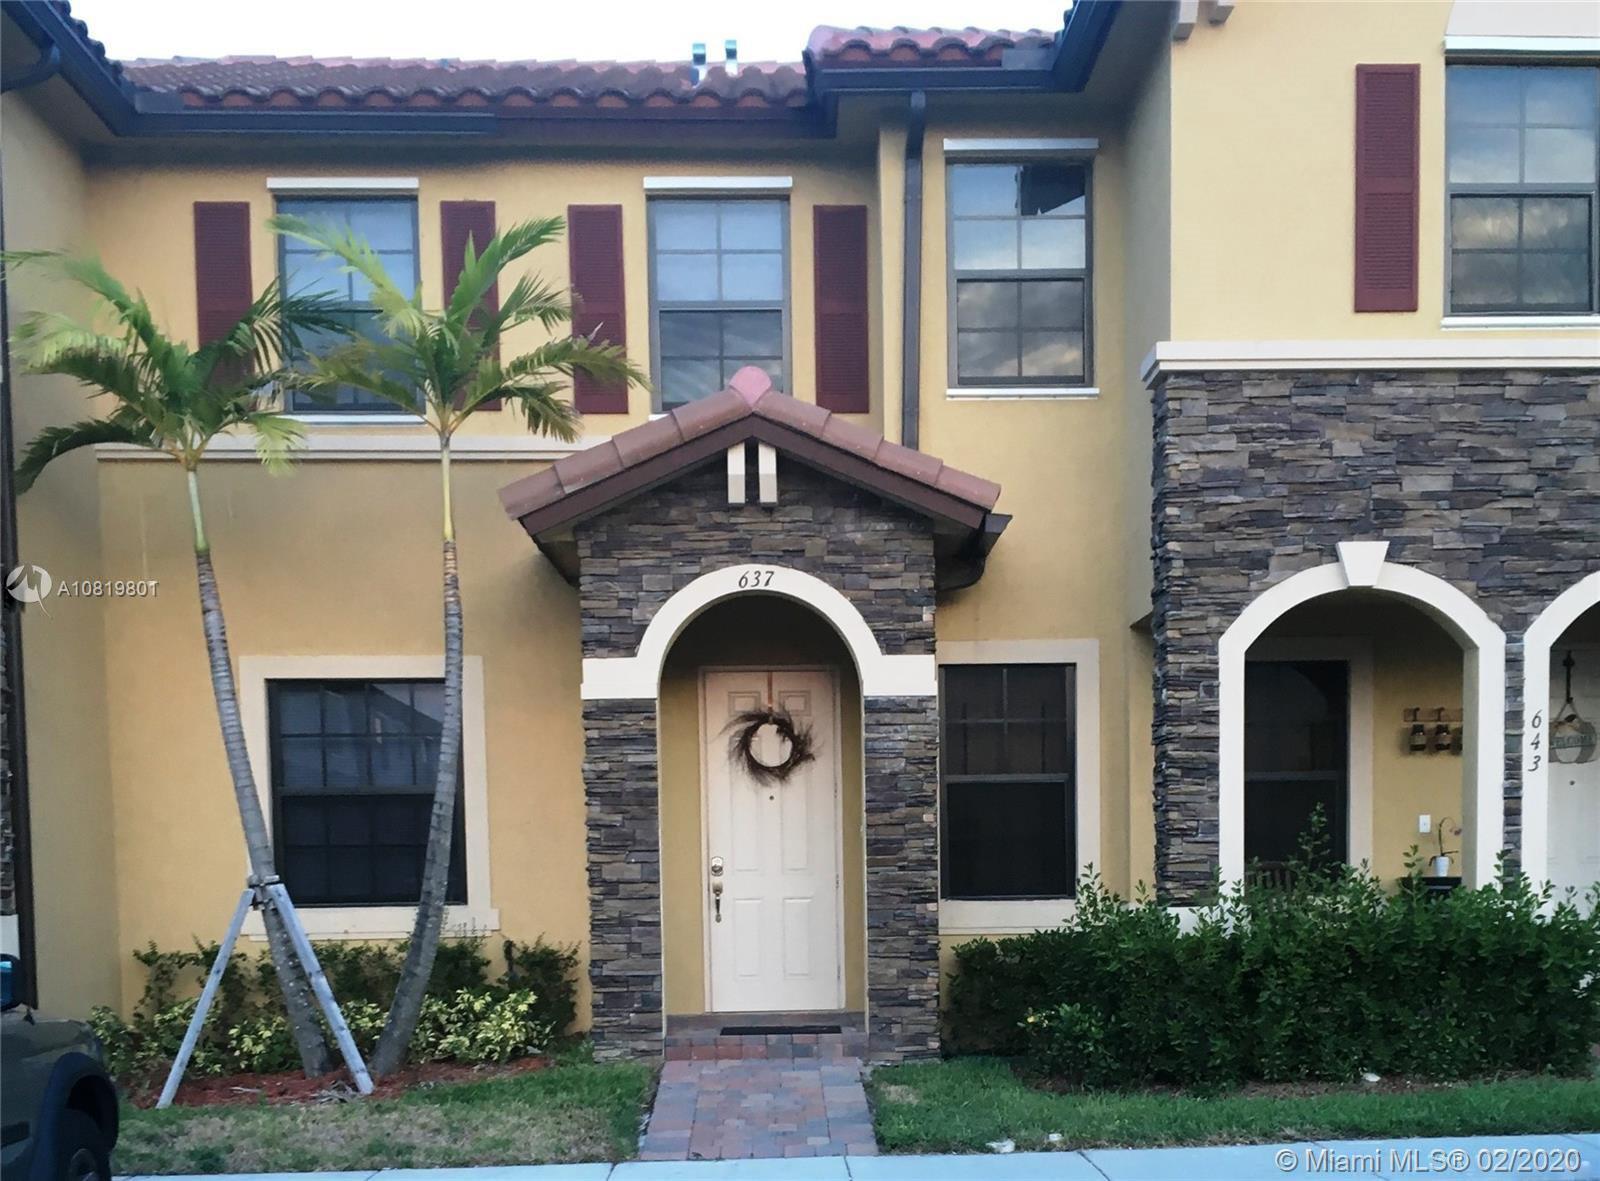 637 SE 32nd Ter #637, Homestead, FL 33033 - Homestead, FL real estate listing